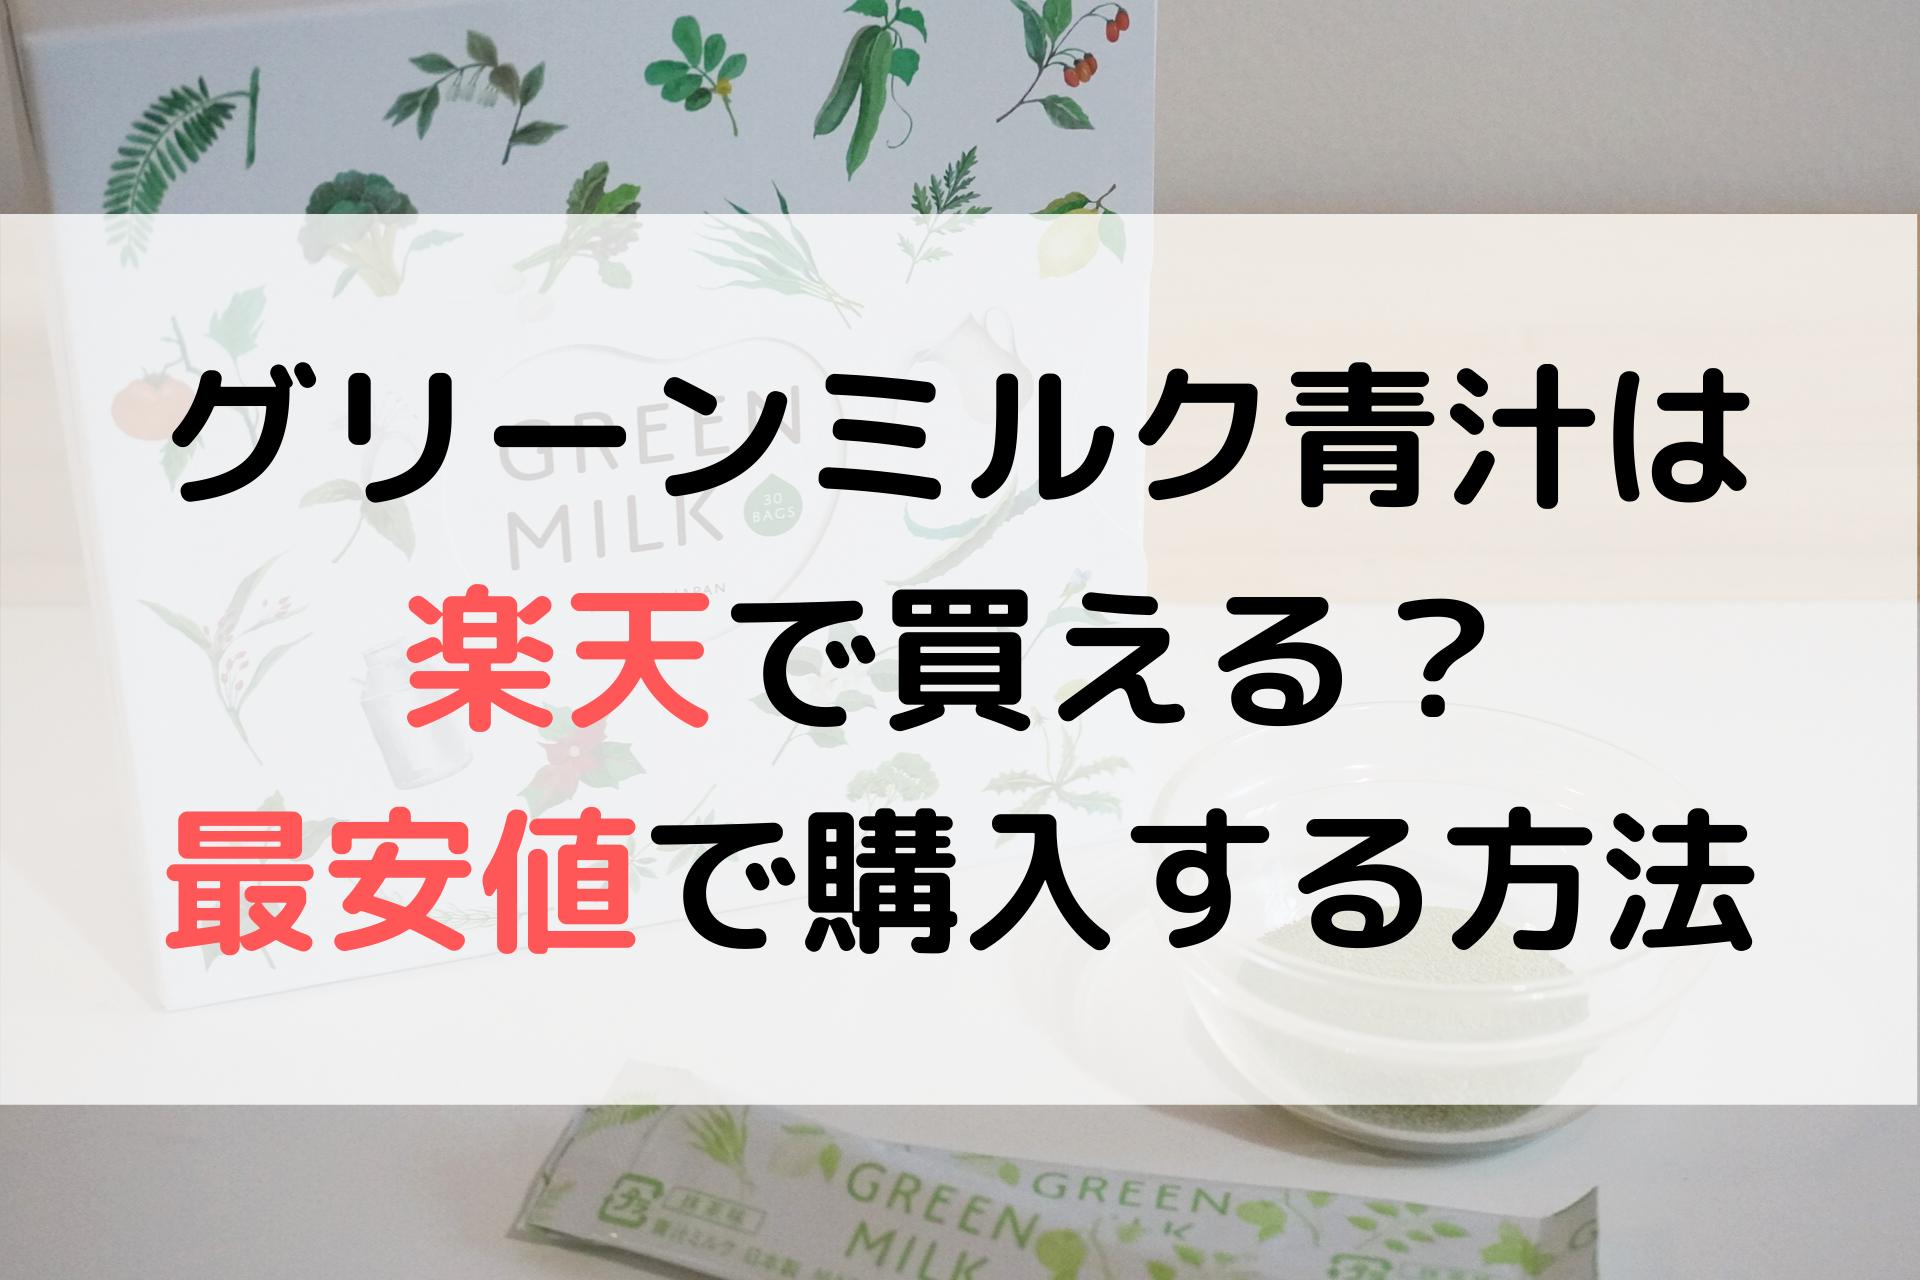 グリーンミルク青汁・楽天&最安値